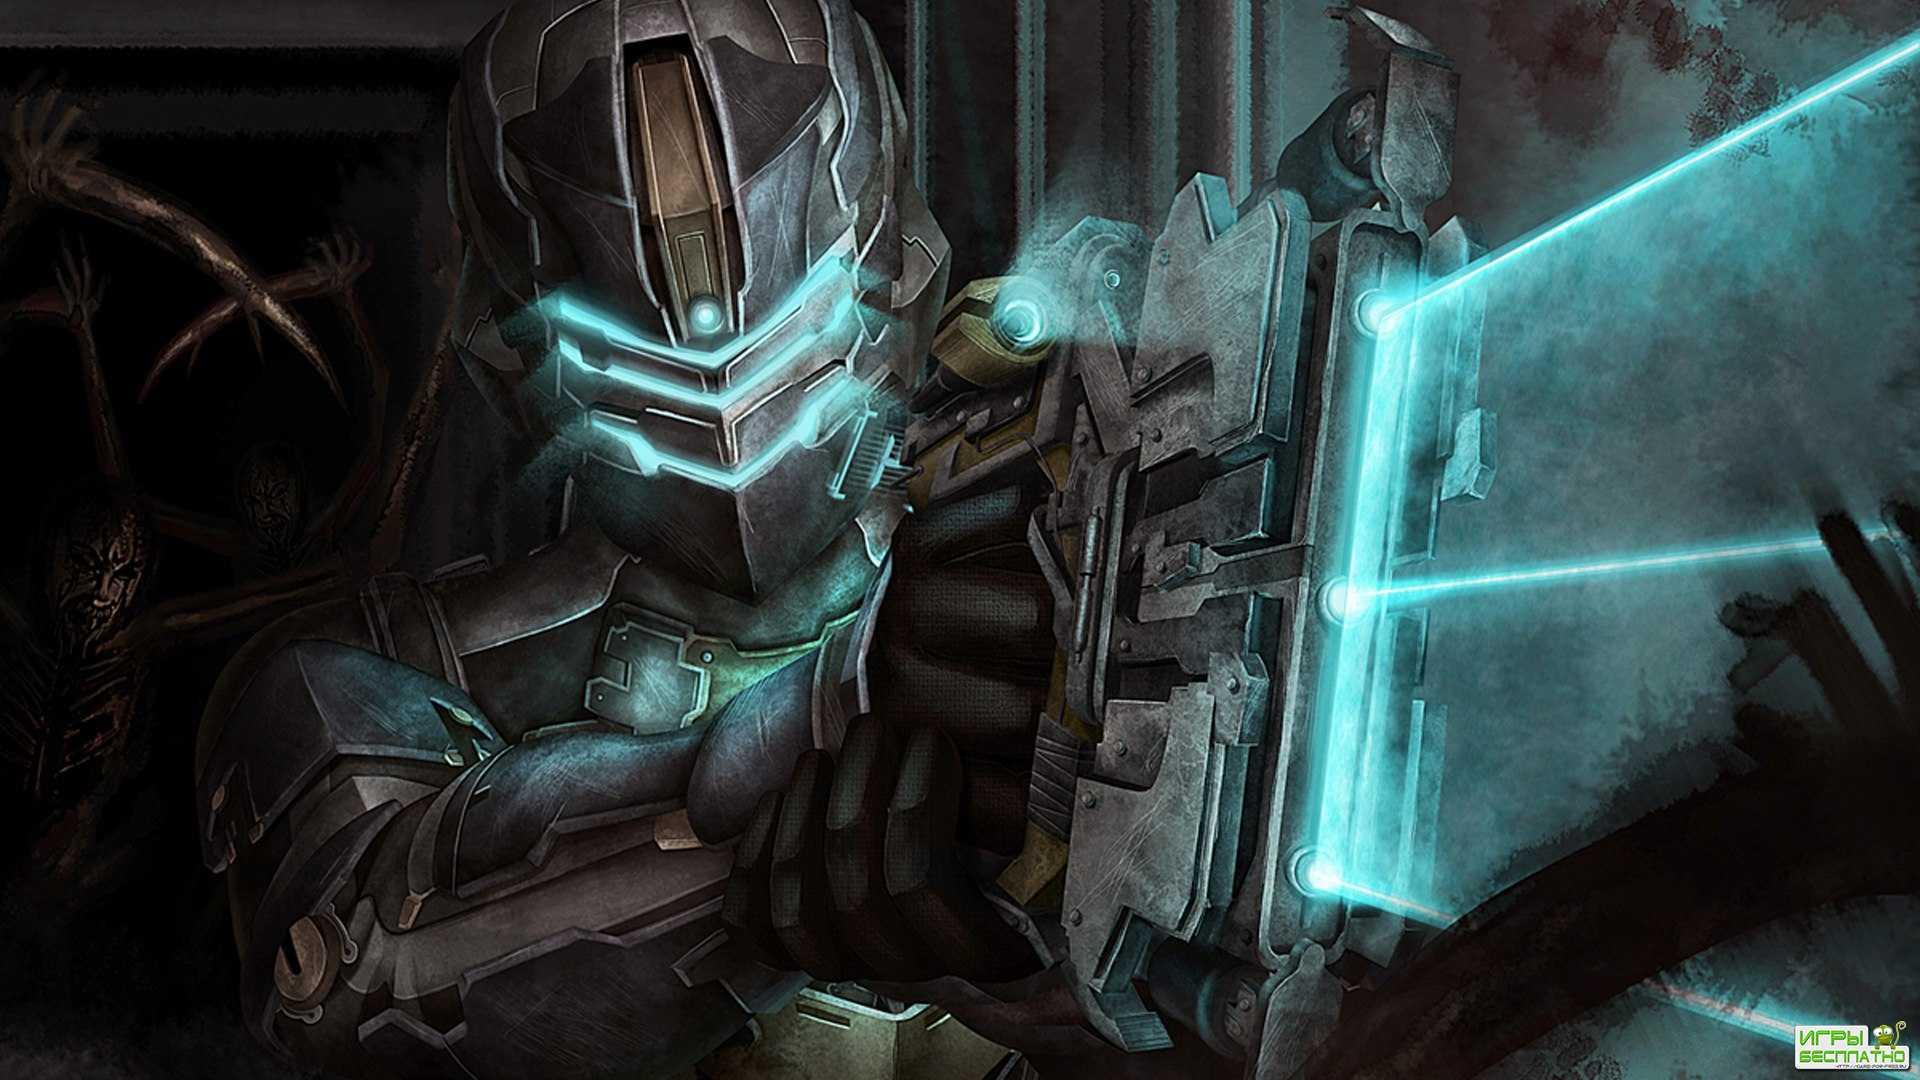 Разработчик Visceral Games: Electronic Arts оказалось мало продаж 4 миллион ...